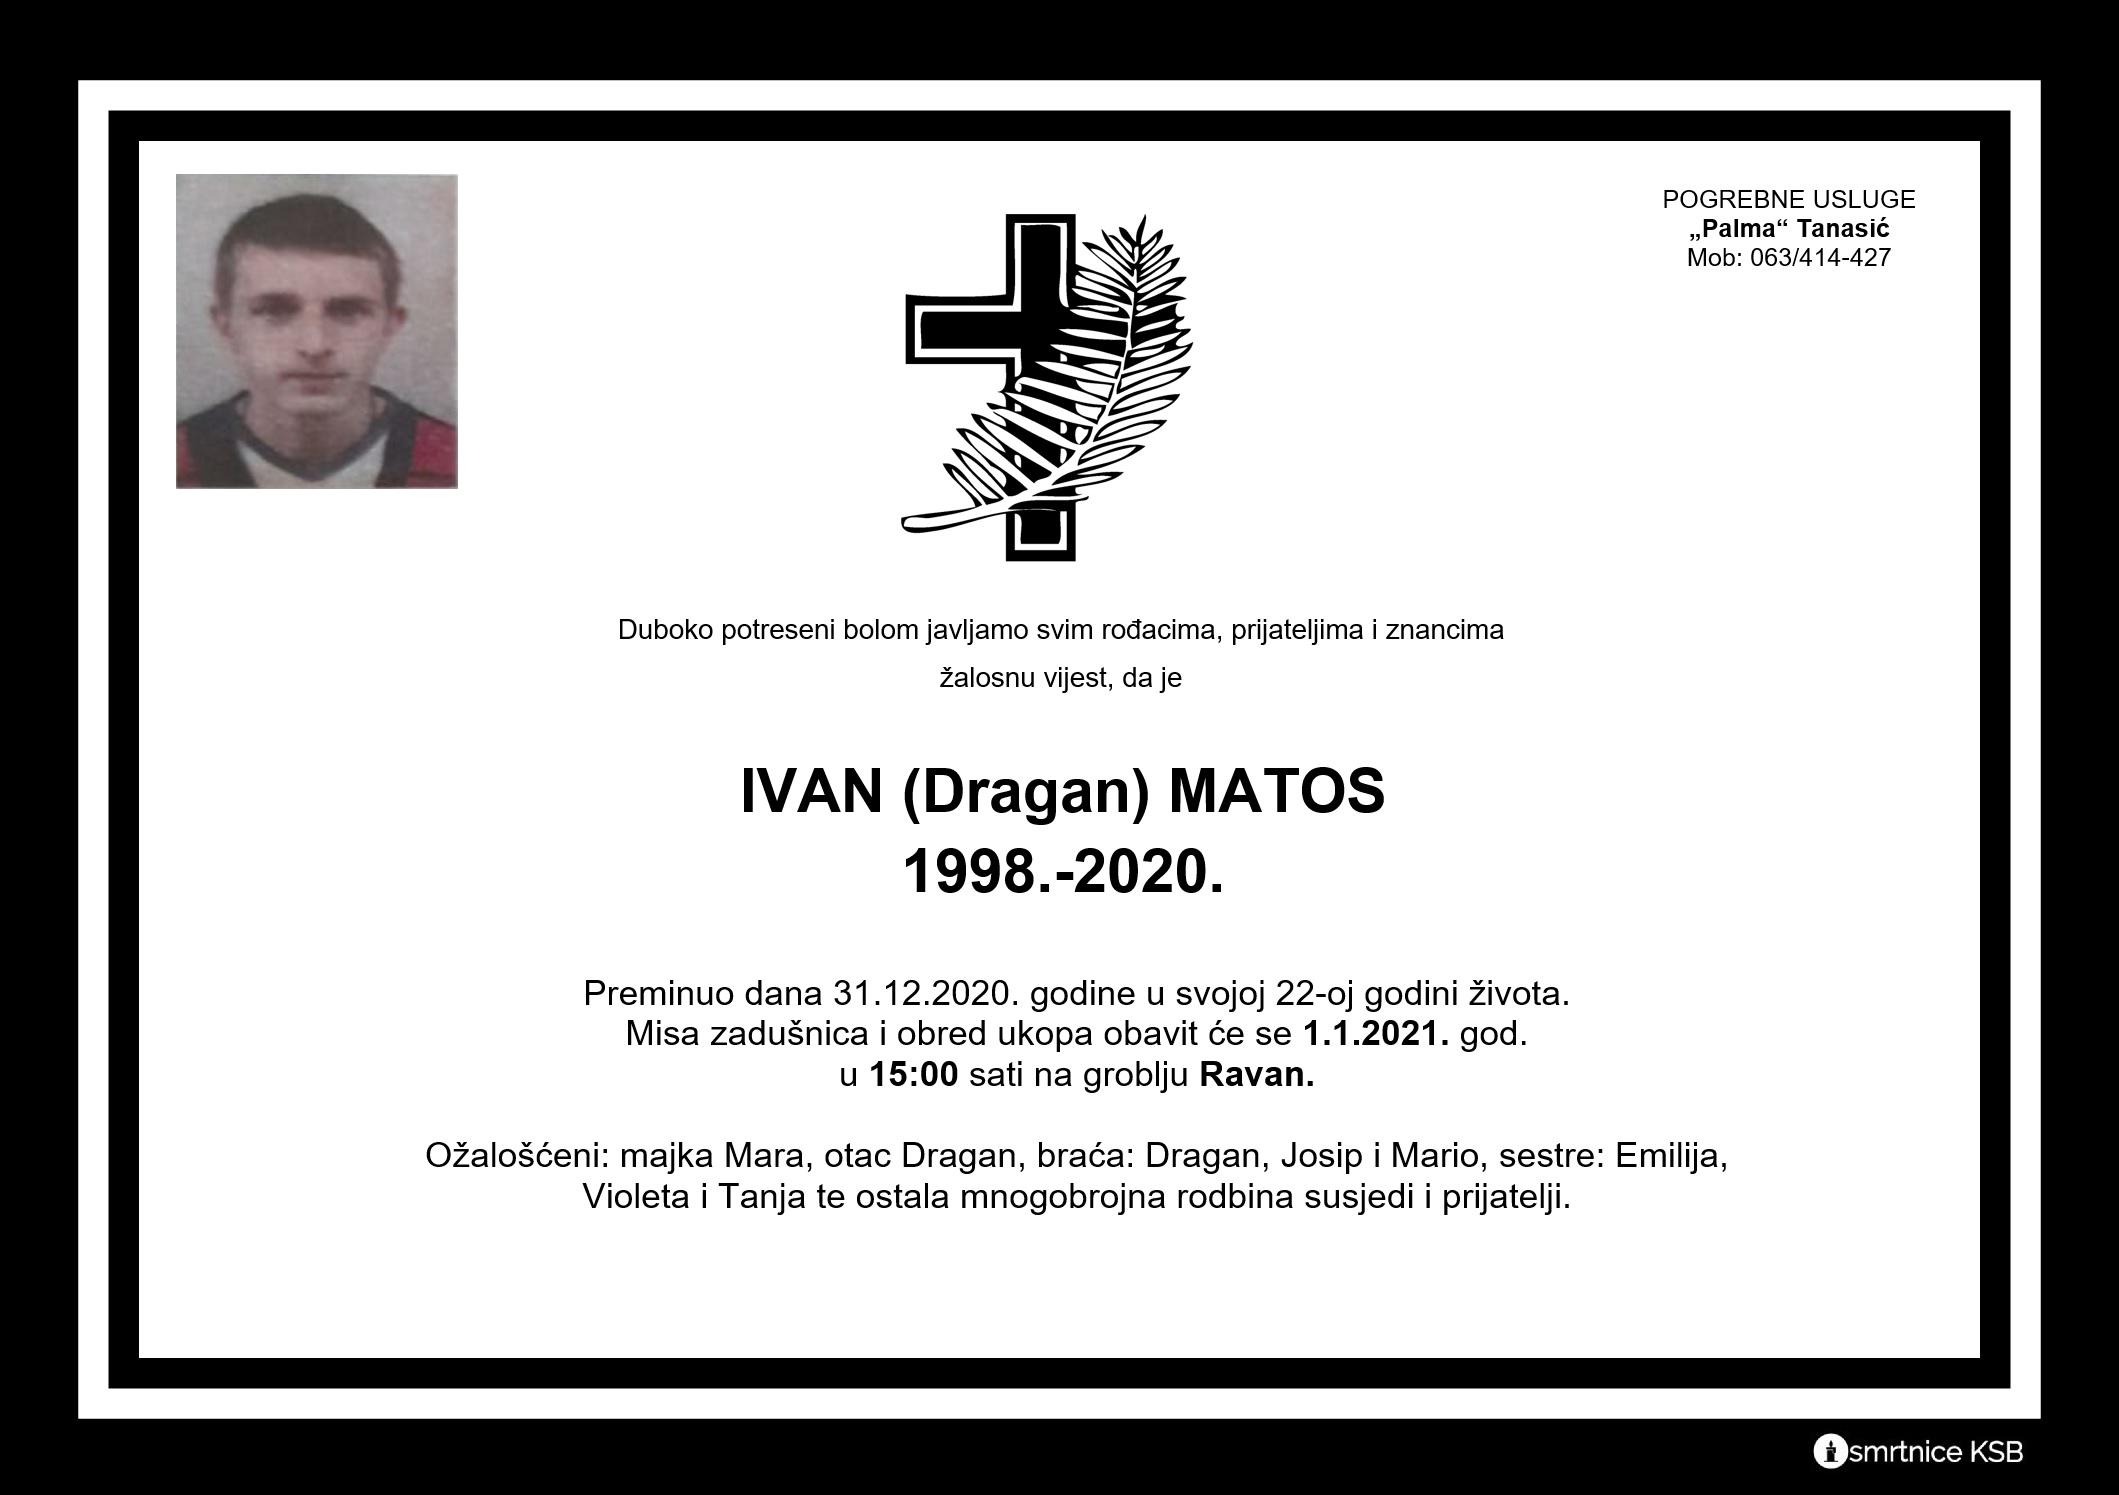 Ivan (Dragan) Matos